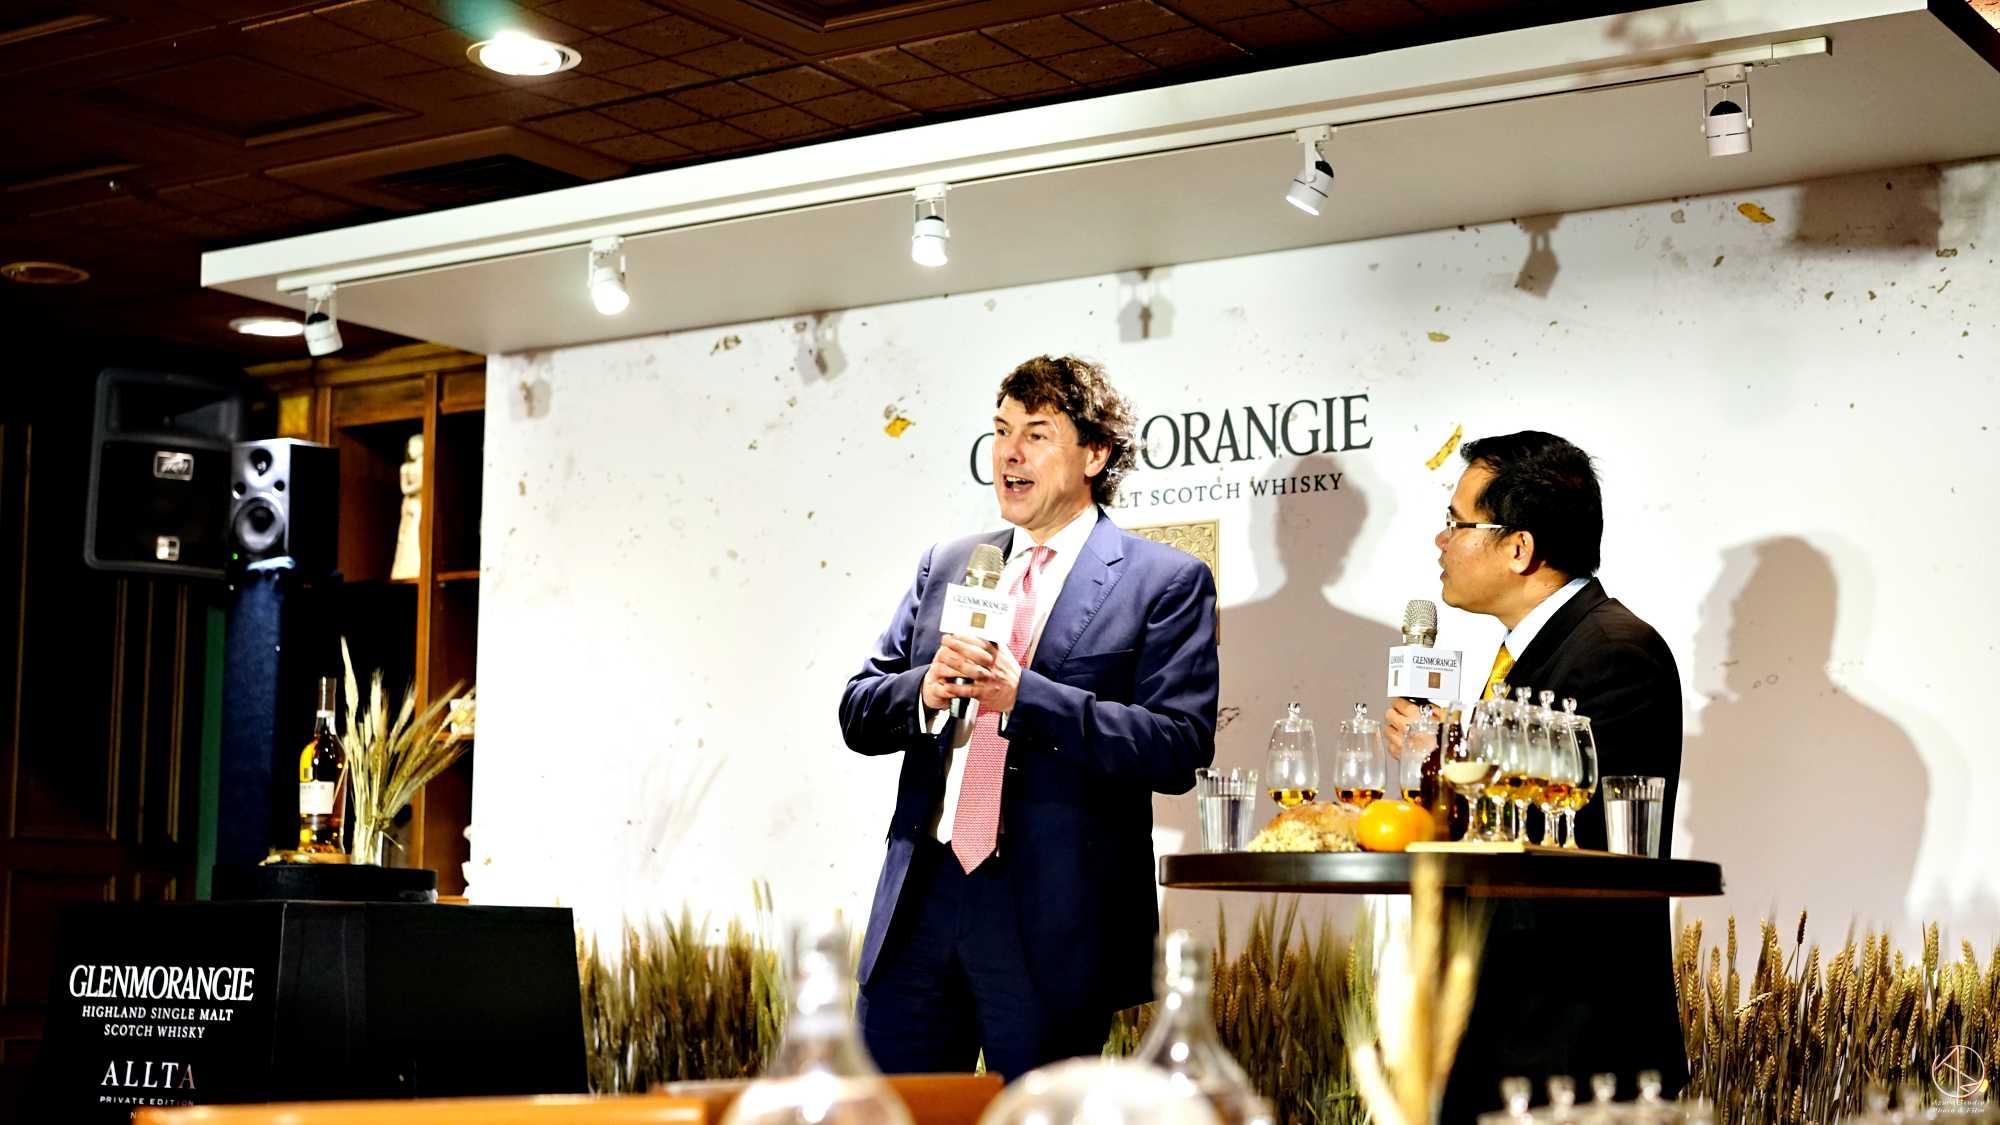 格蘭傑總製酒師比爾.梁思敦博士(Bill Lumsden), 台灣酩悅軒尼詩品牌推廣經理張立成